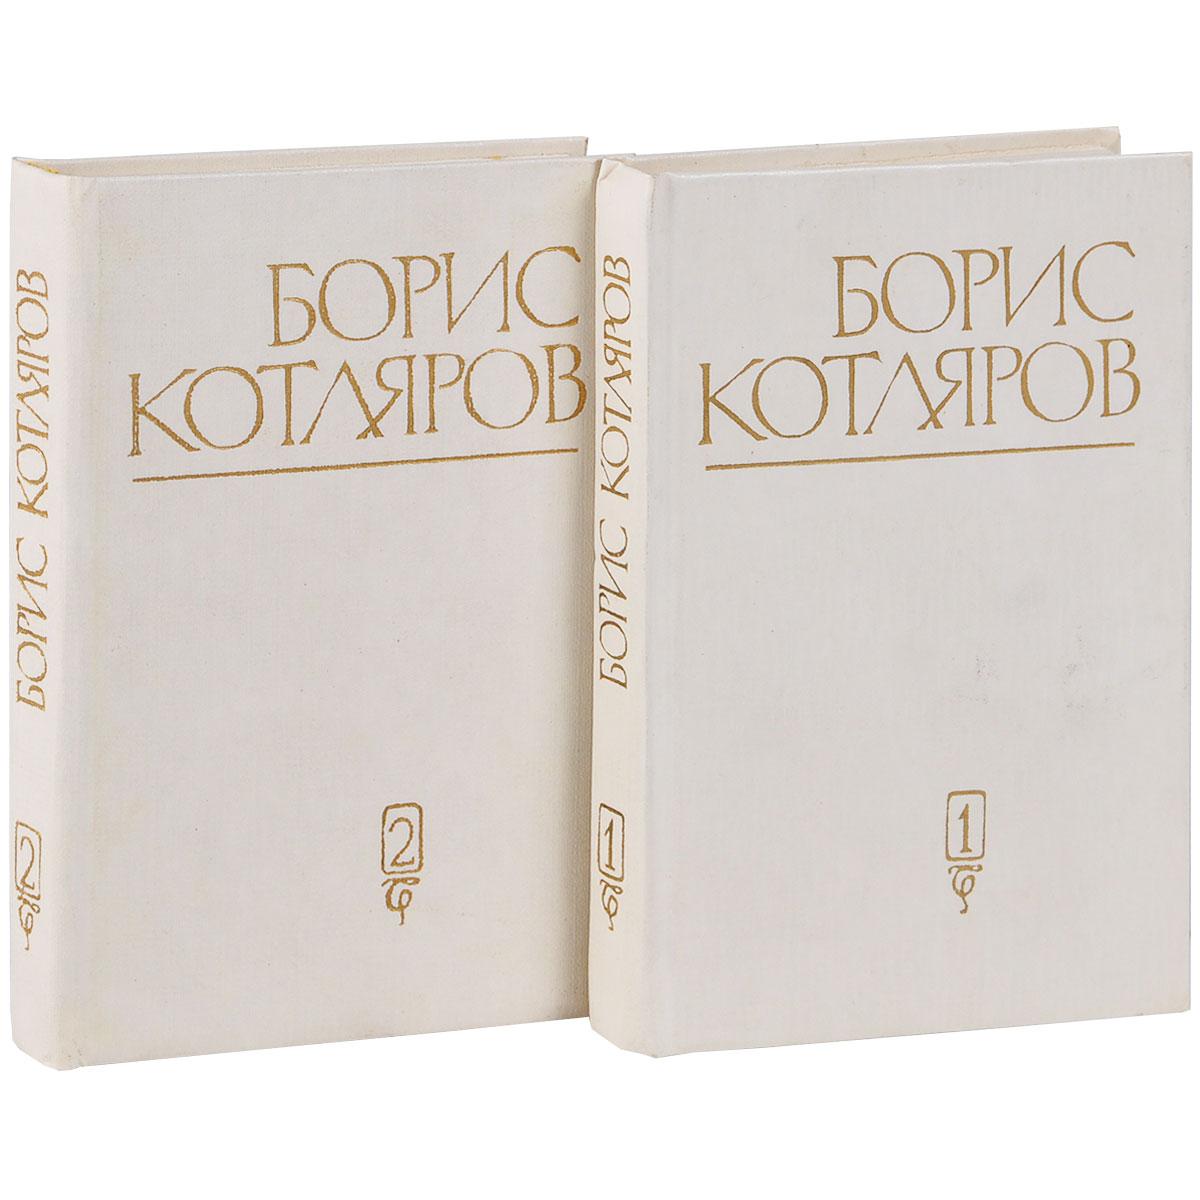 Борис Котляров. Избранные произведения в 2 томах